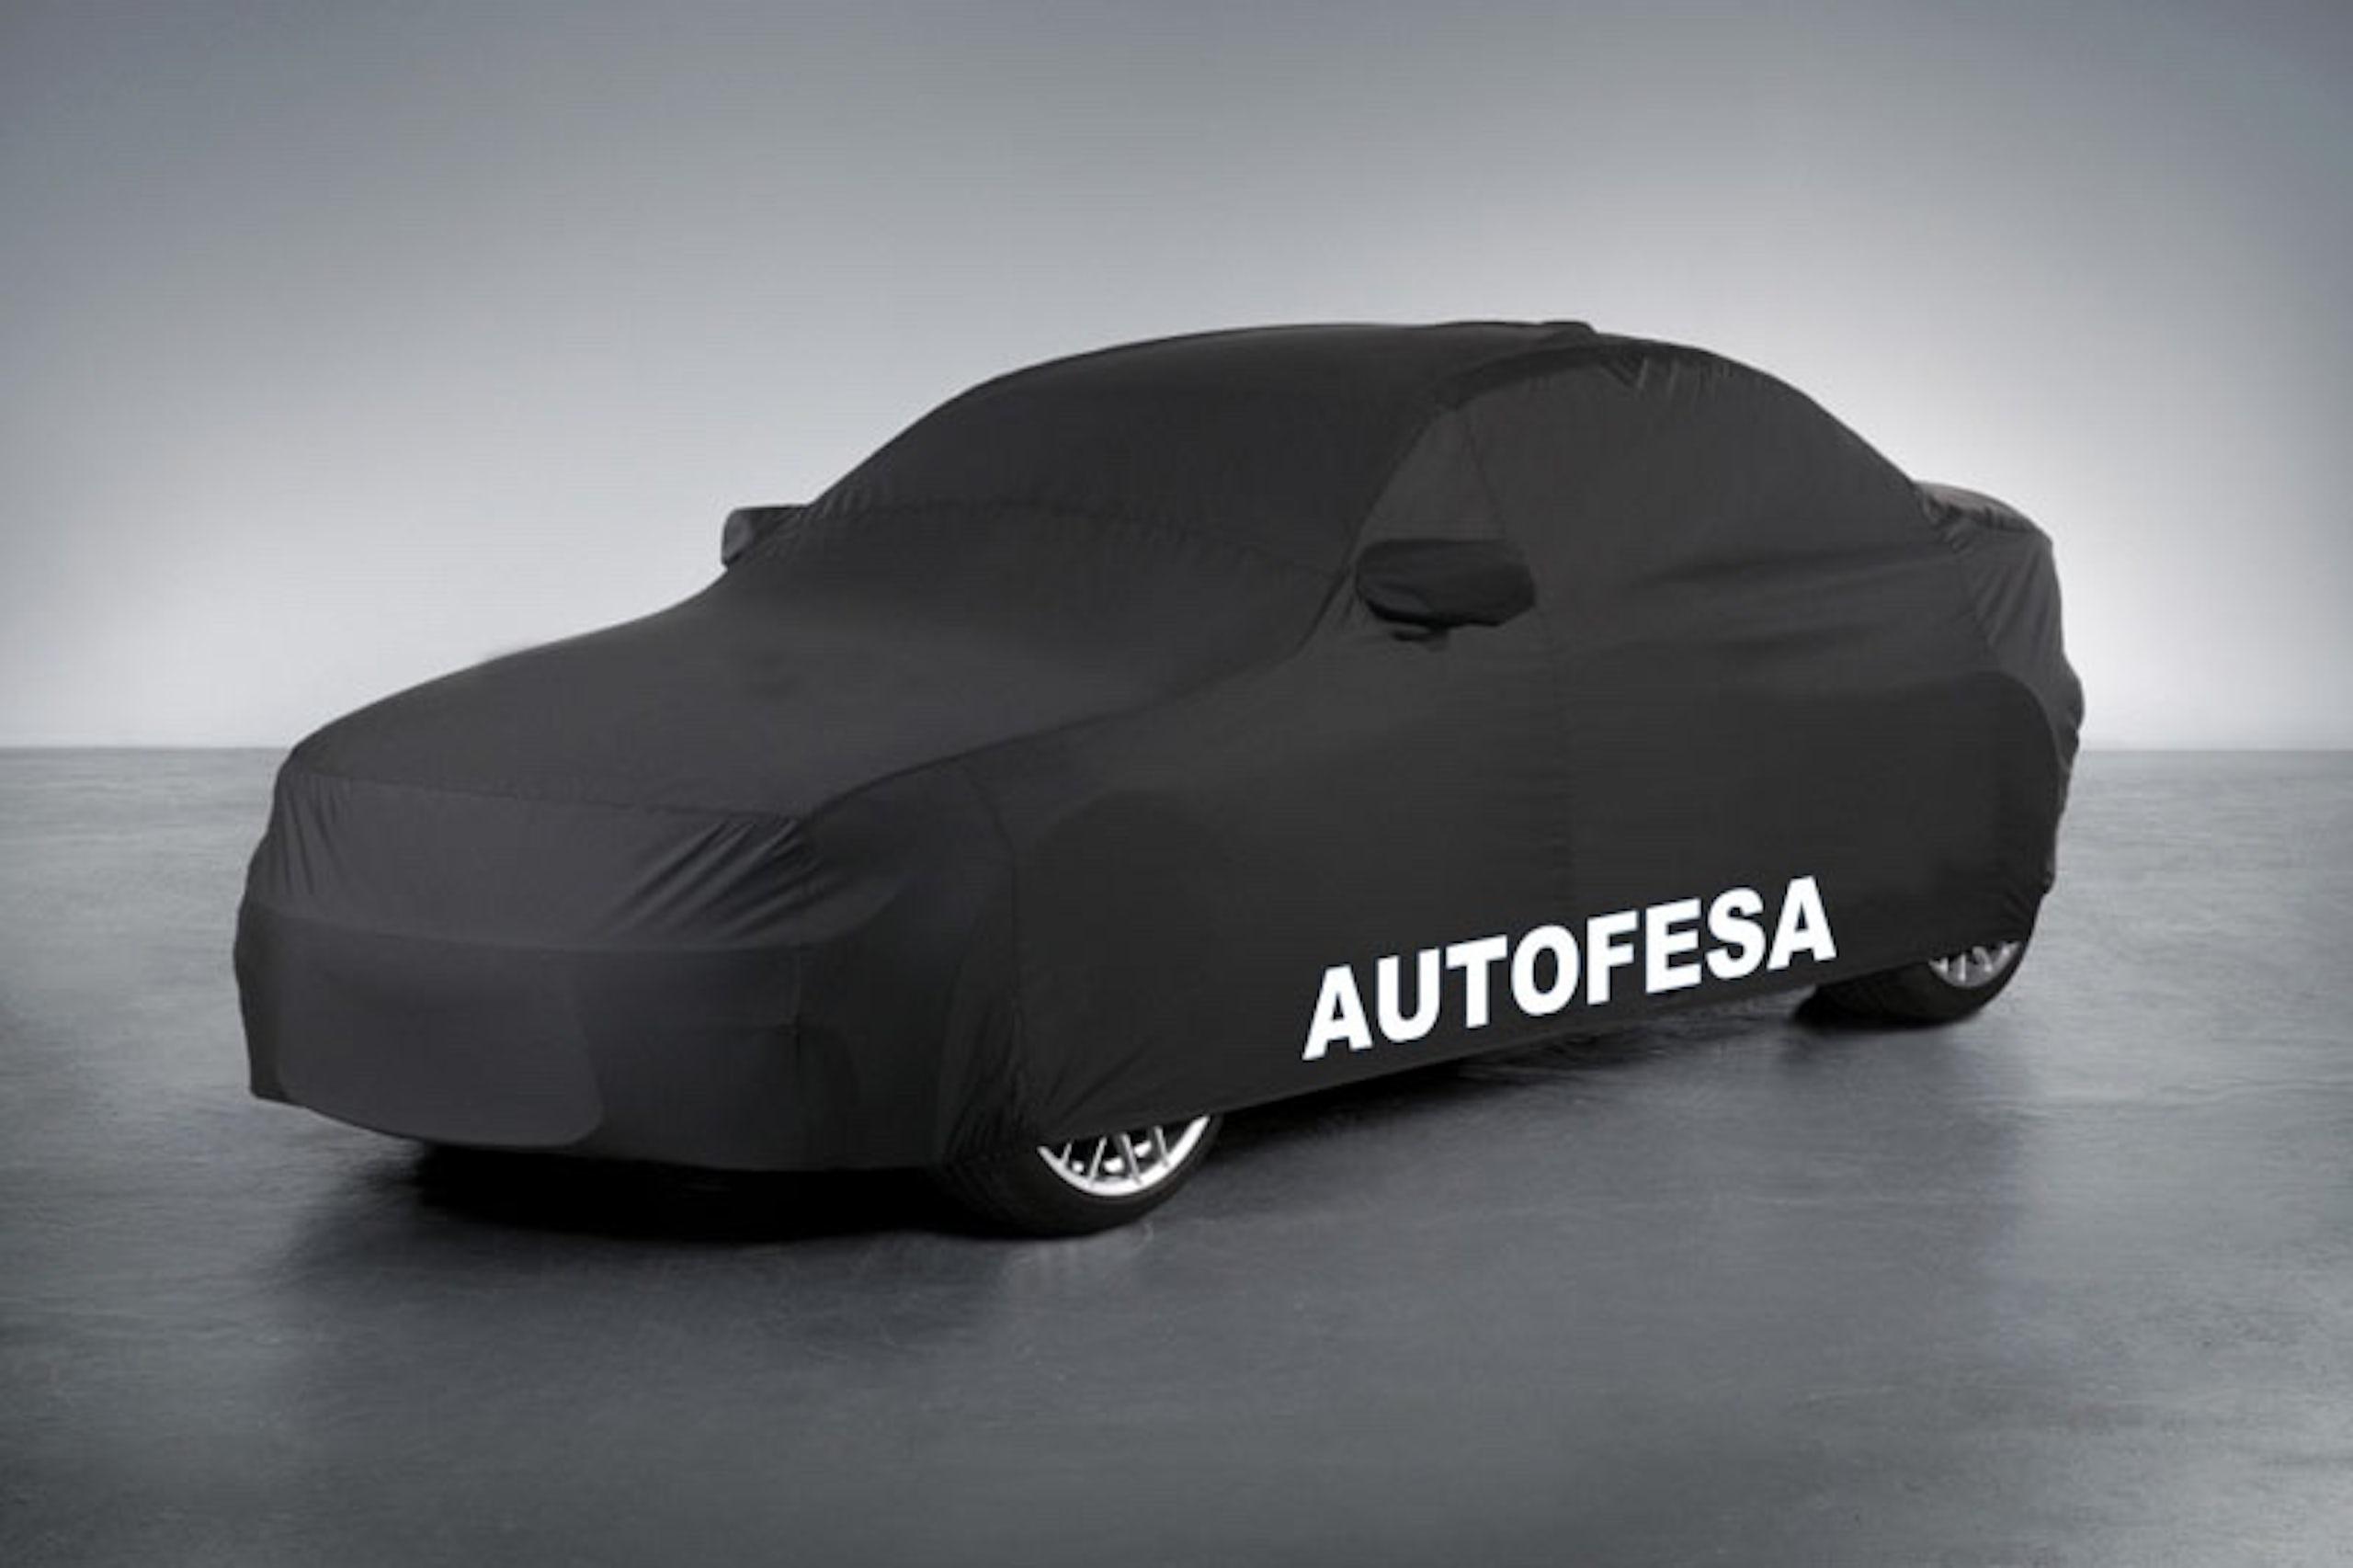 Audi Q7 3.0 TDI 233cv quattro Tiptronic 5p 7plz Auto - Foto 20